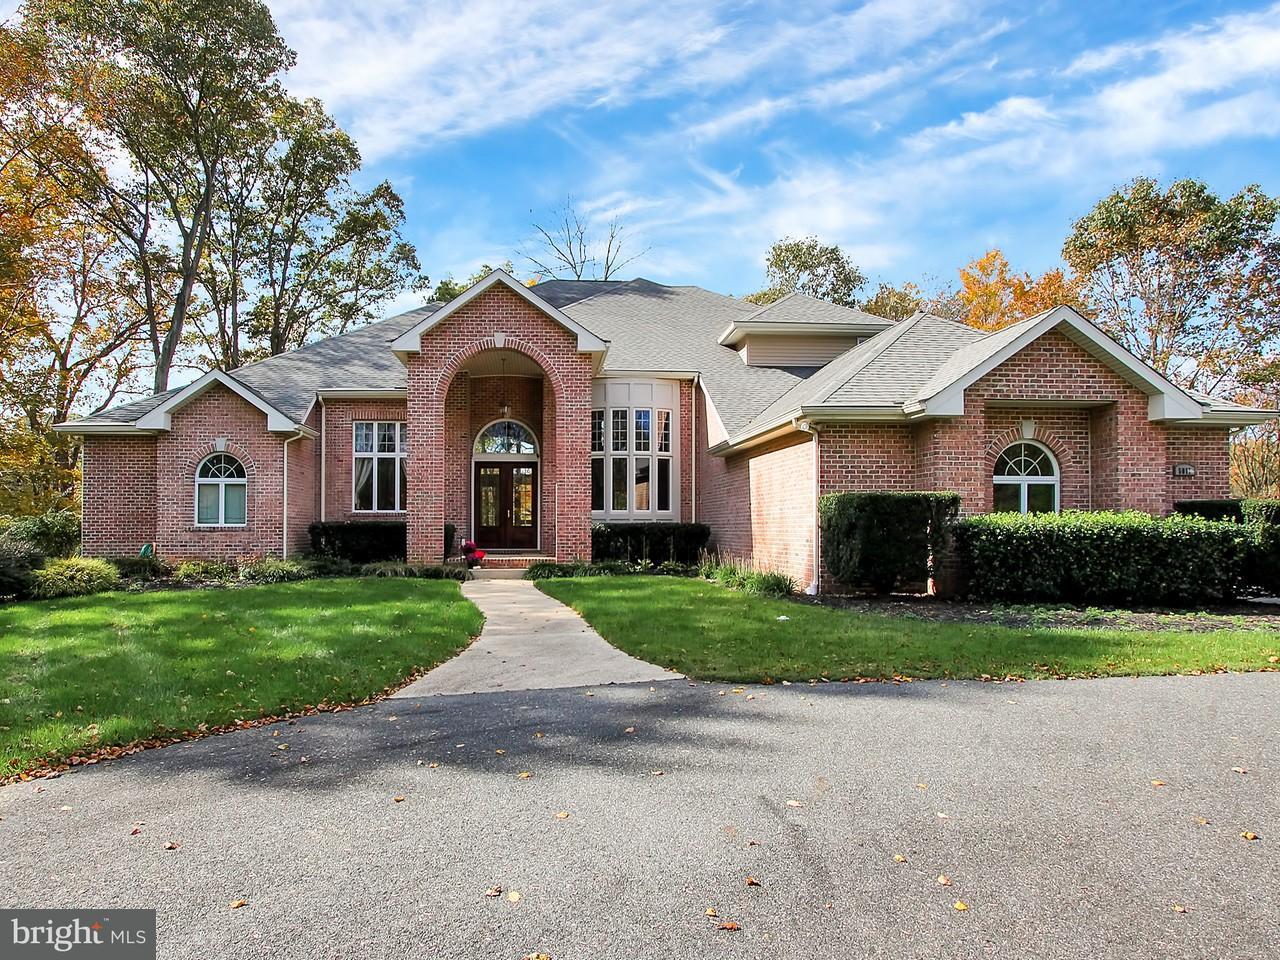 Casa Unifamiliar por un Venta en 5011 NORRISVILLE Road 5011 NORRISVILLE Road White Hall, Maryland 21161 Estados Unidos